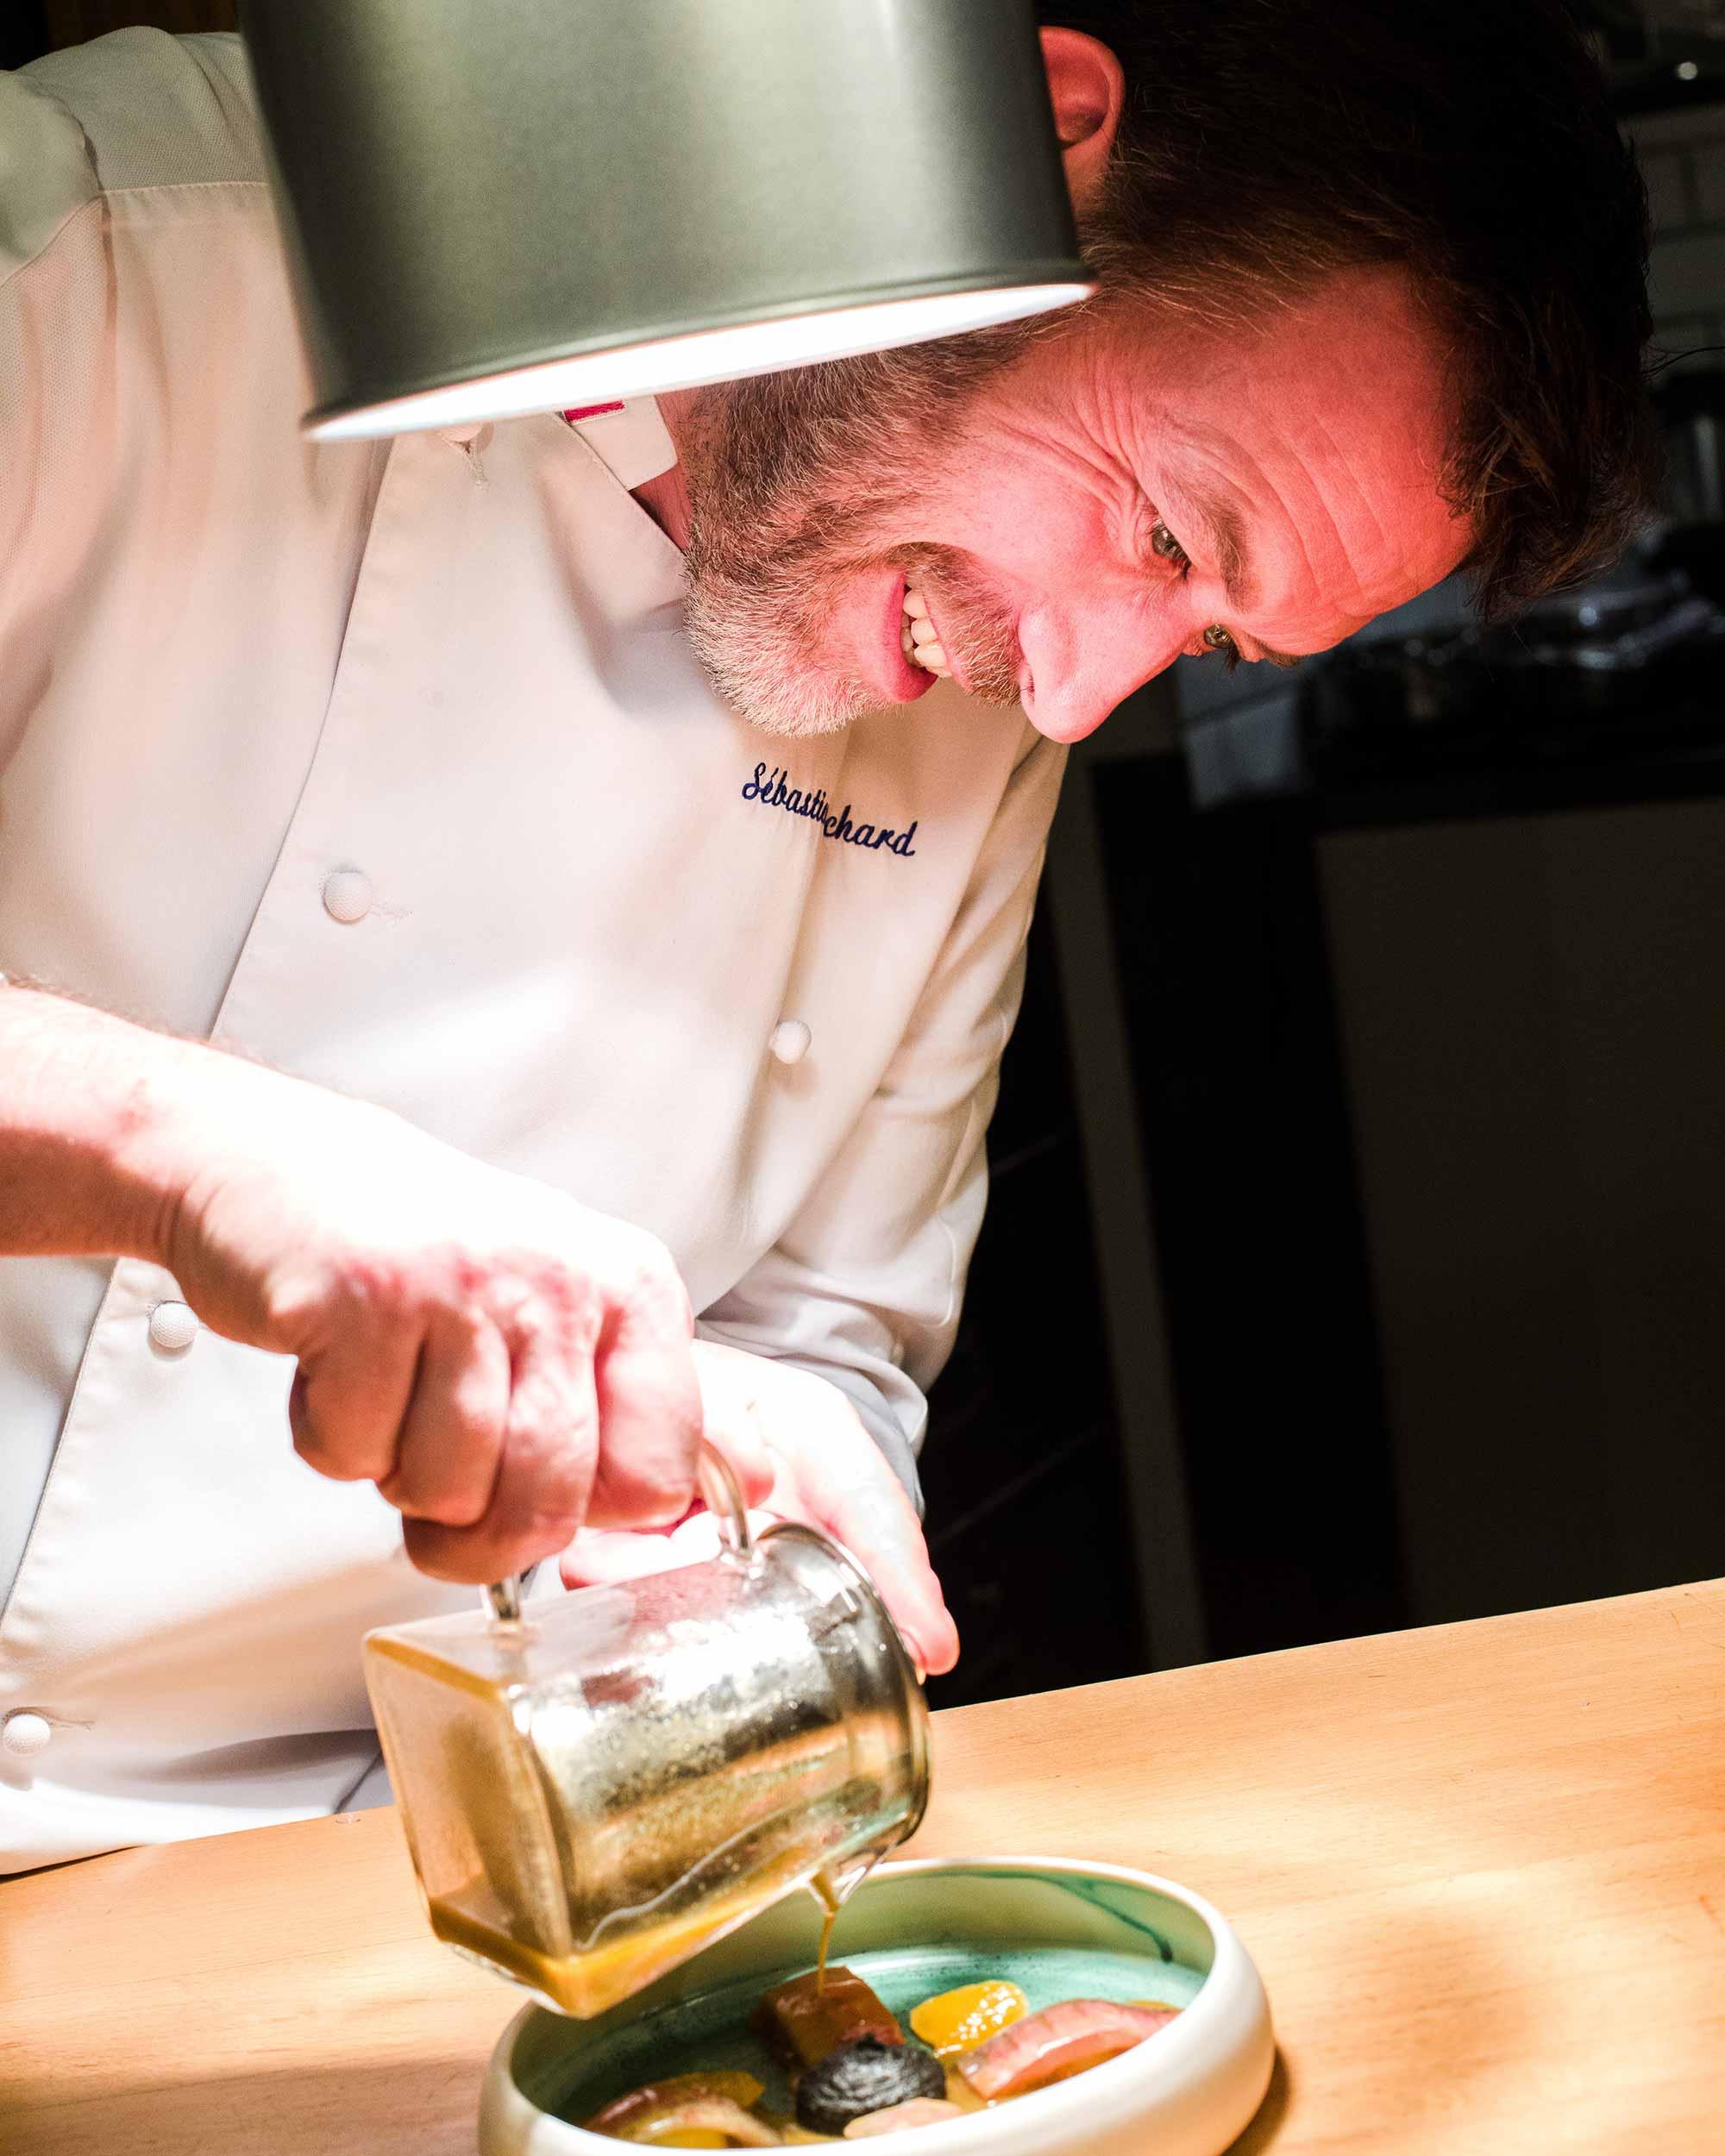 Chef en train de verser un jus vert dans une assiette